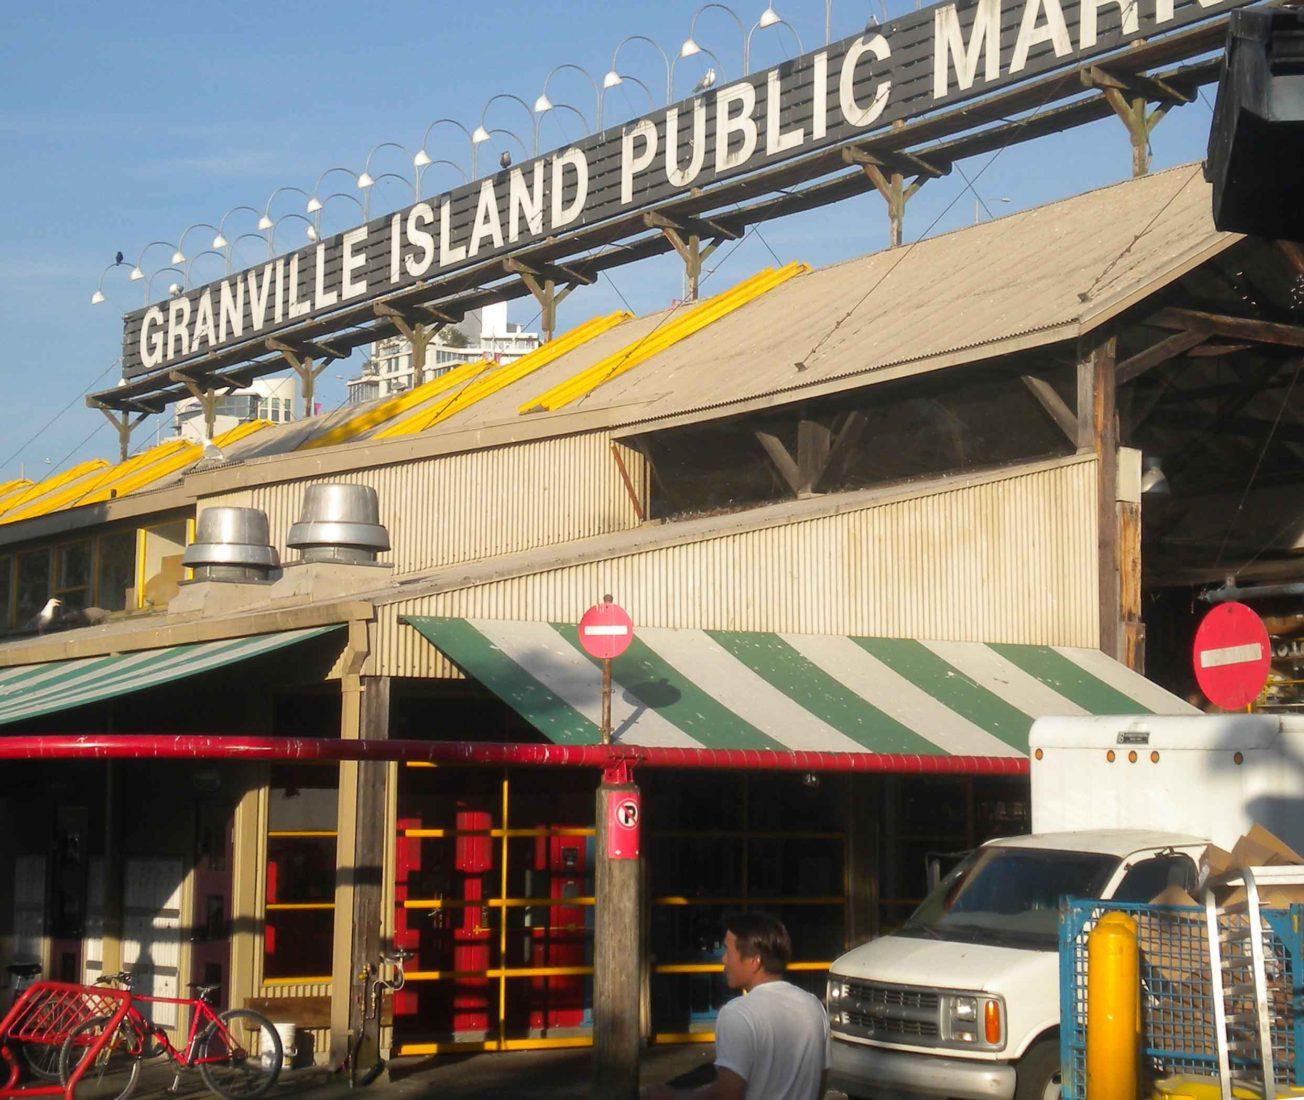 23. Granville Island Brewing, Vancouver, Canada1998